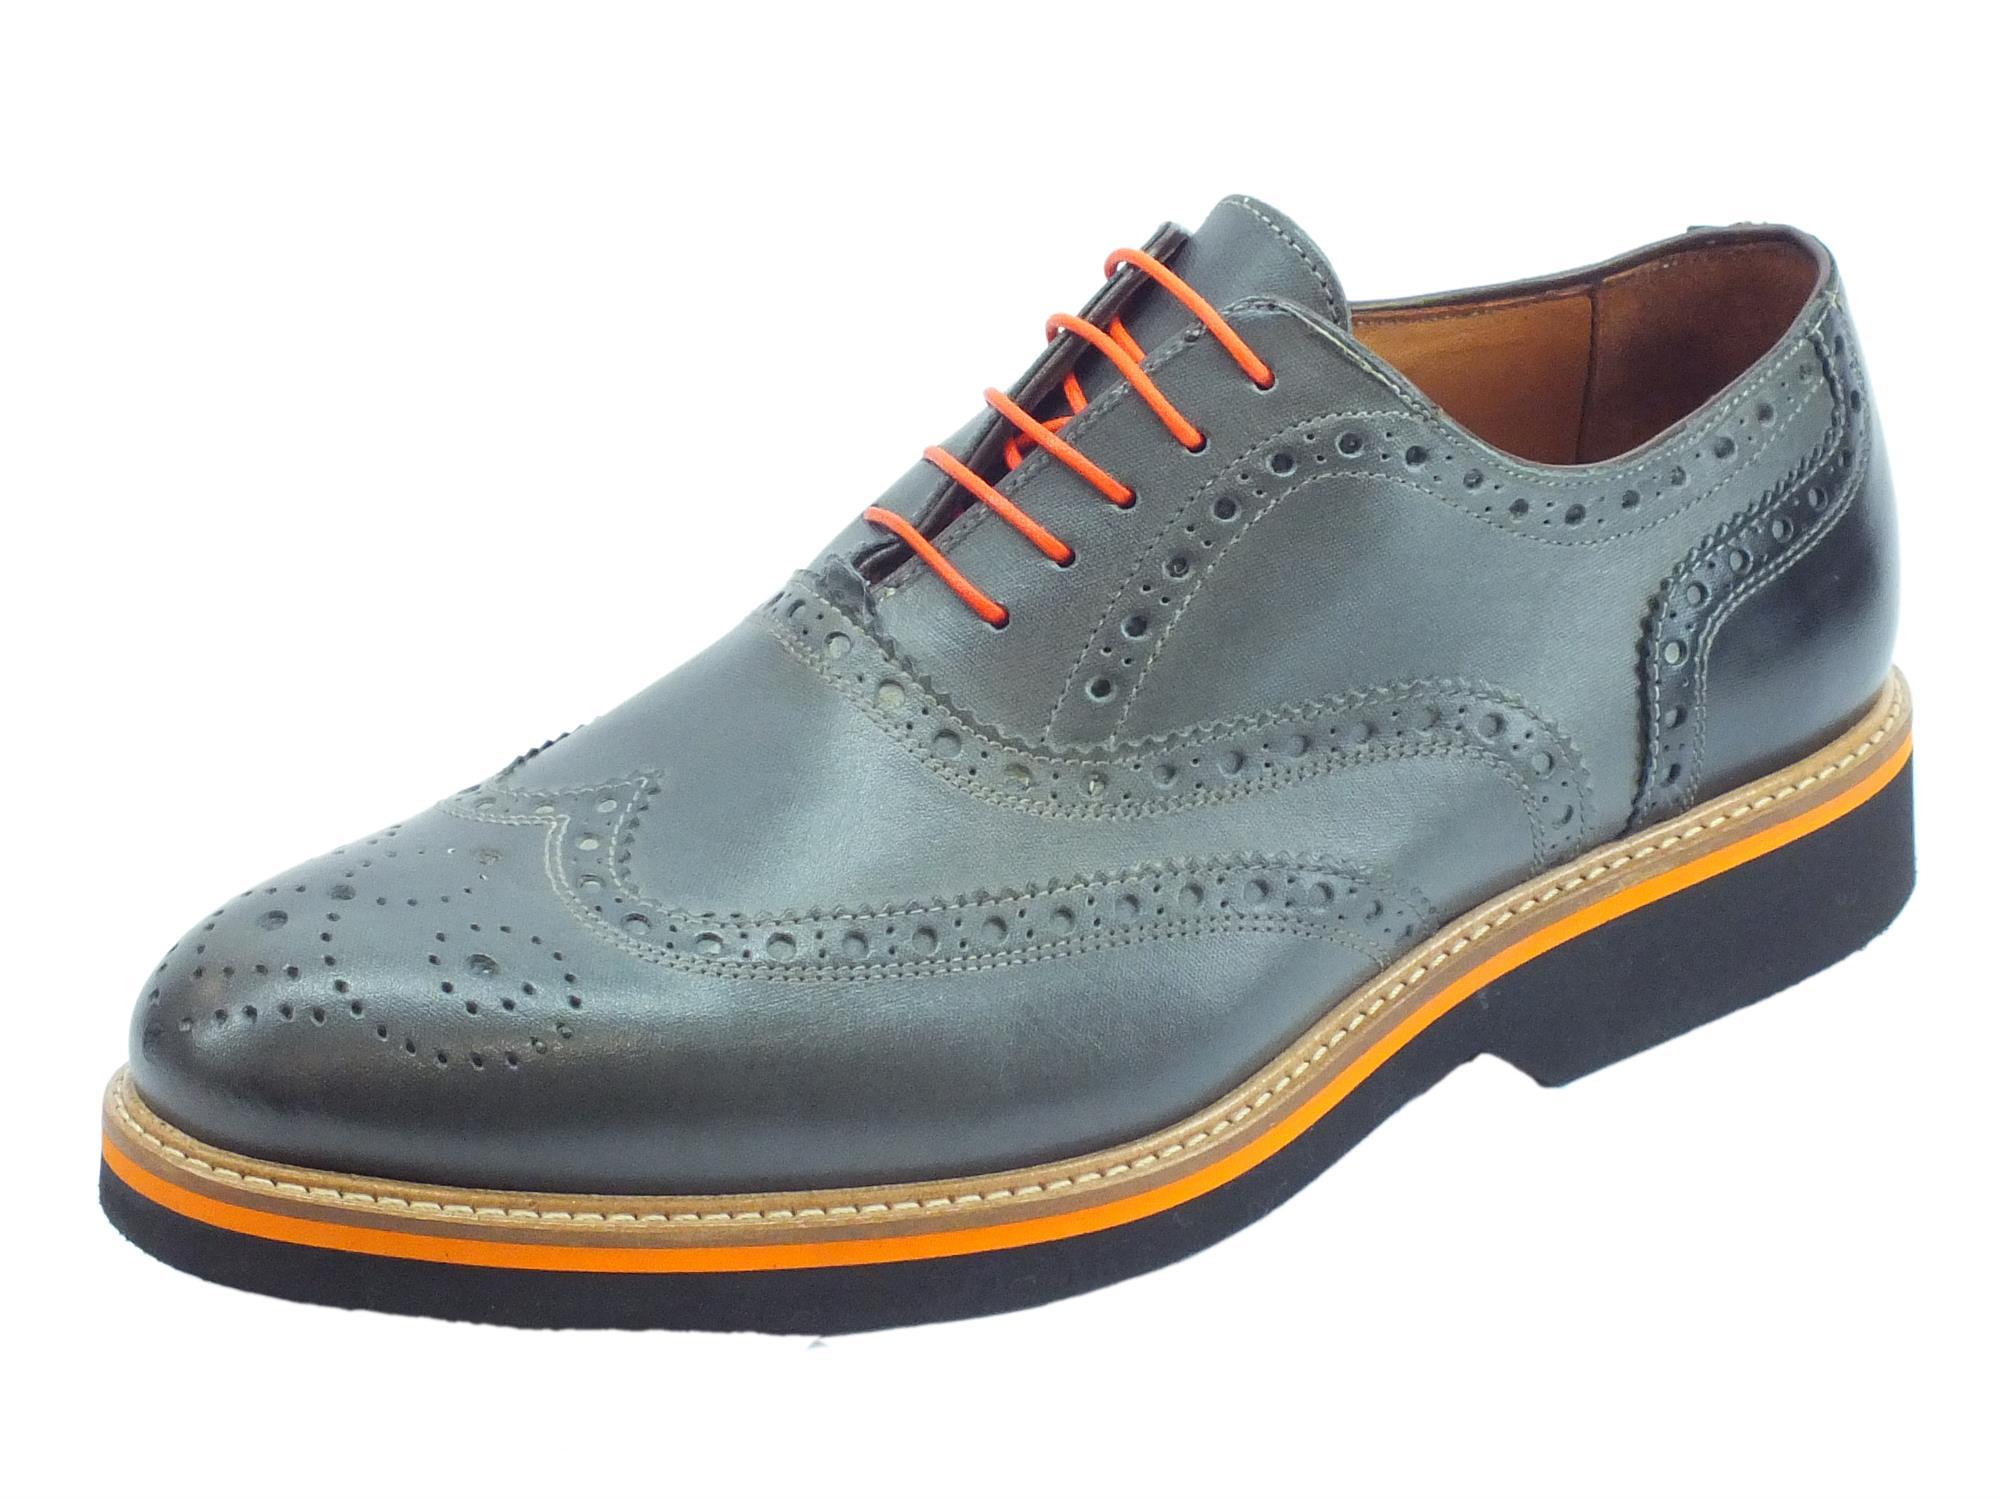 Scarpe eleganti per uomo Mercanti Fiorentini in pelle grigio e nero 996e6406eb7